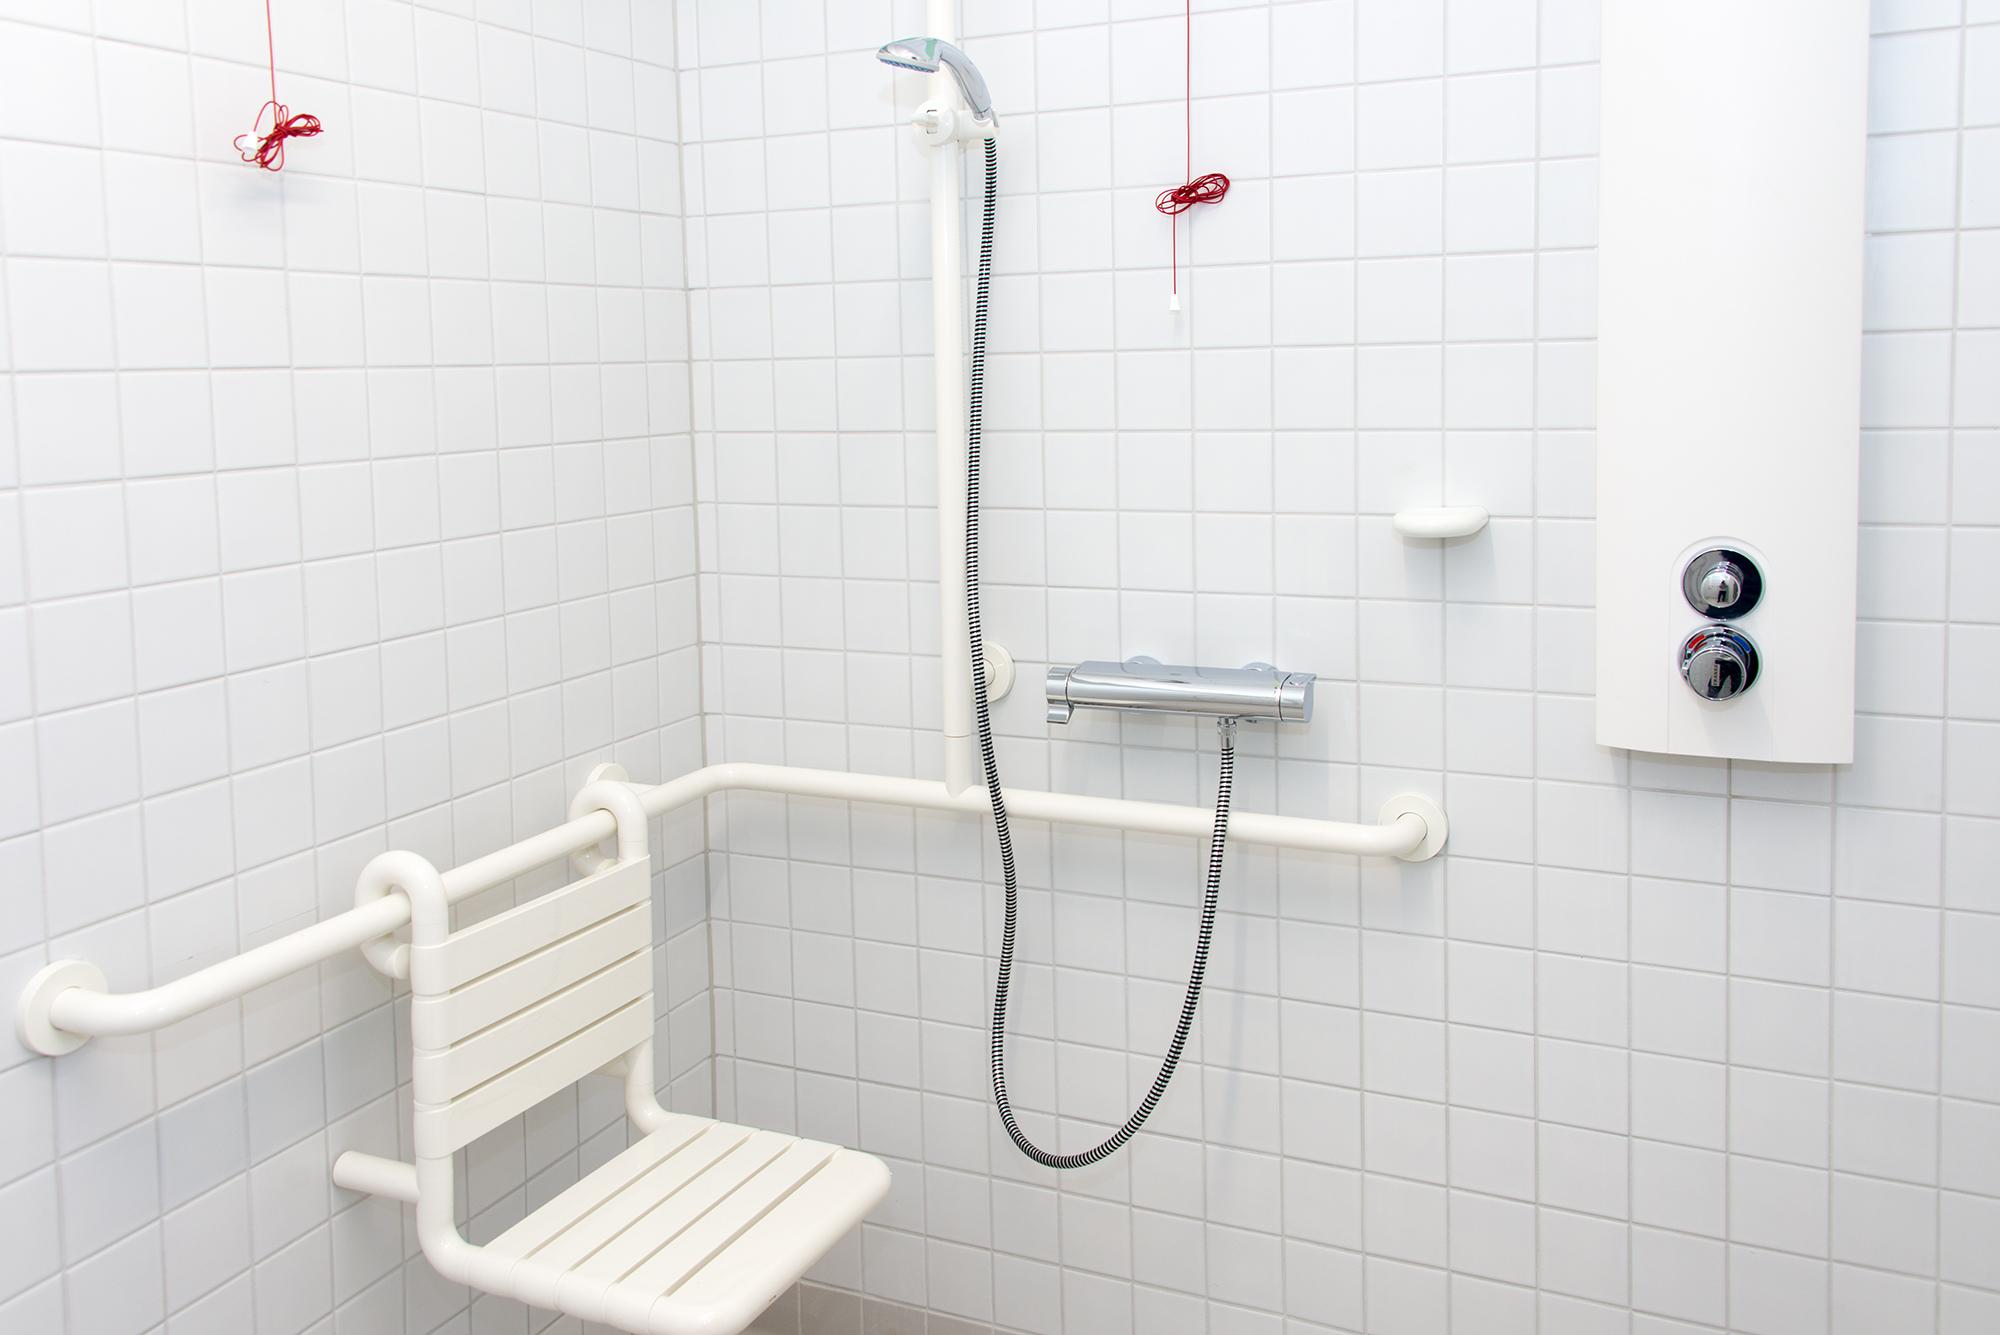 wendisch heimbucher architekt und bauingenieurb ro. Black Bedroom Furniture Sets. Home Design Ideas